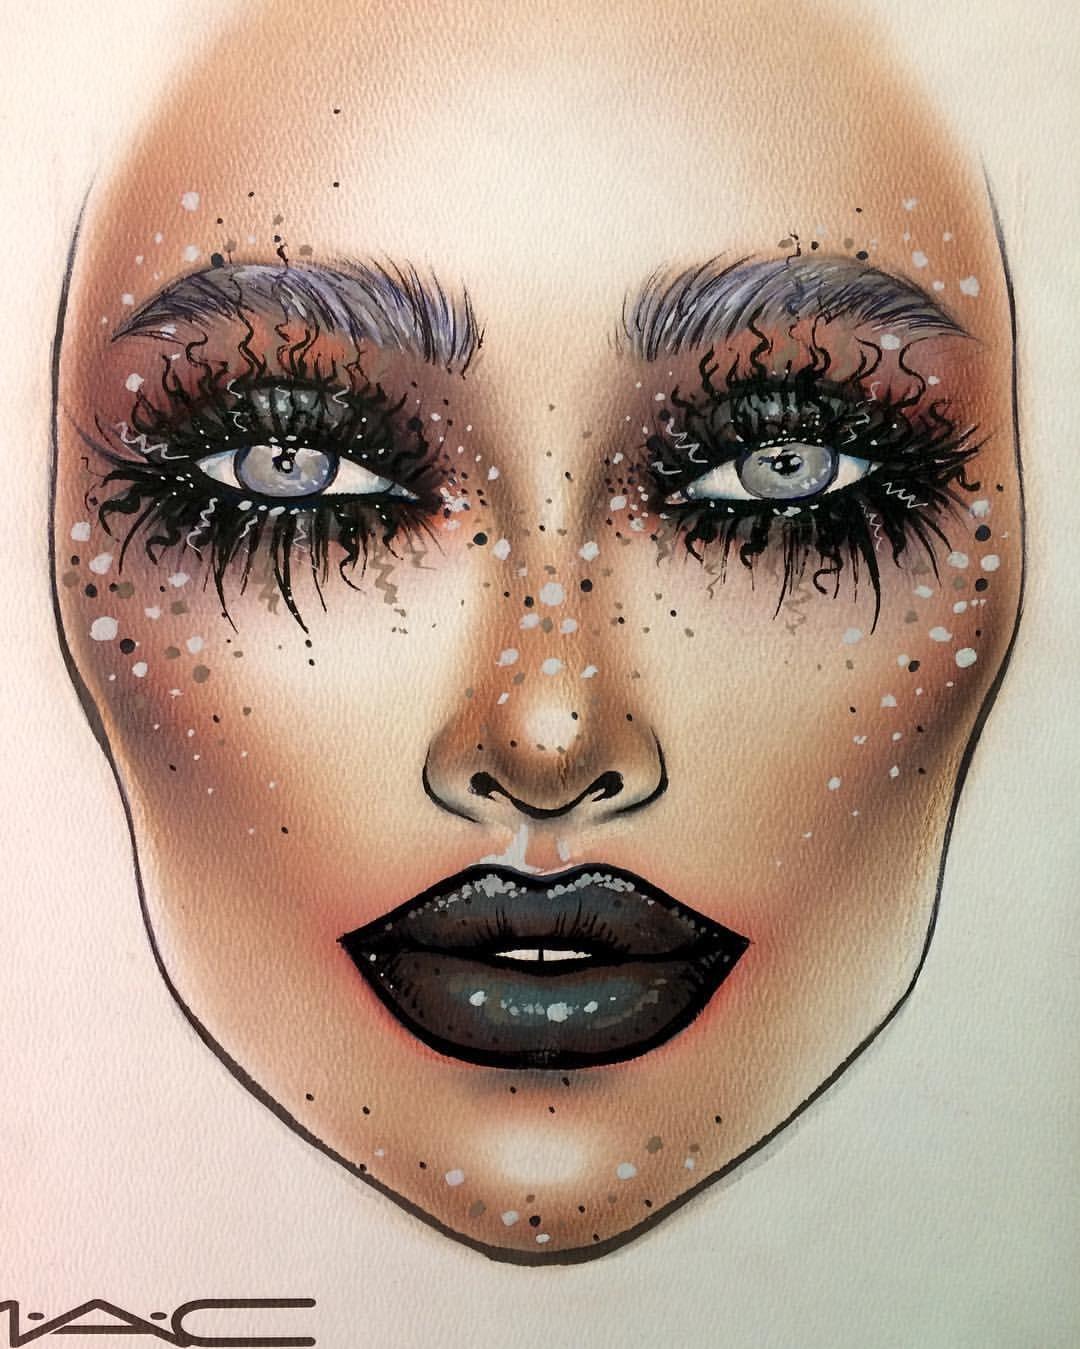 Maccosmetics 0 On Halloween Makeup In 2019 Makeup Face